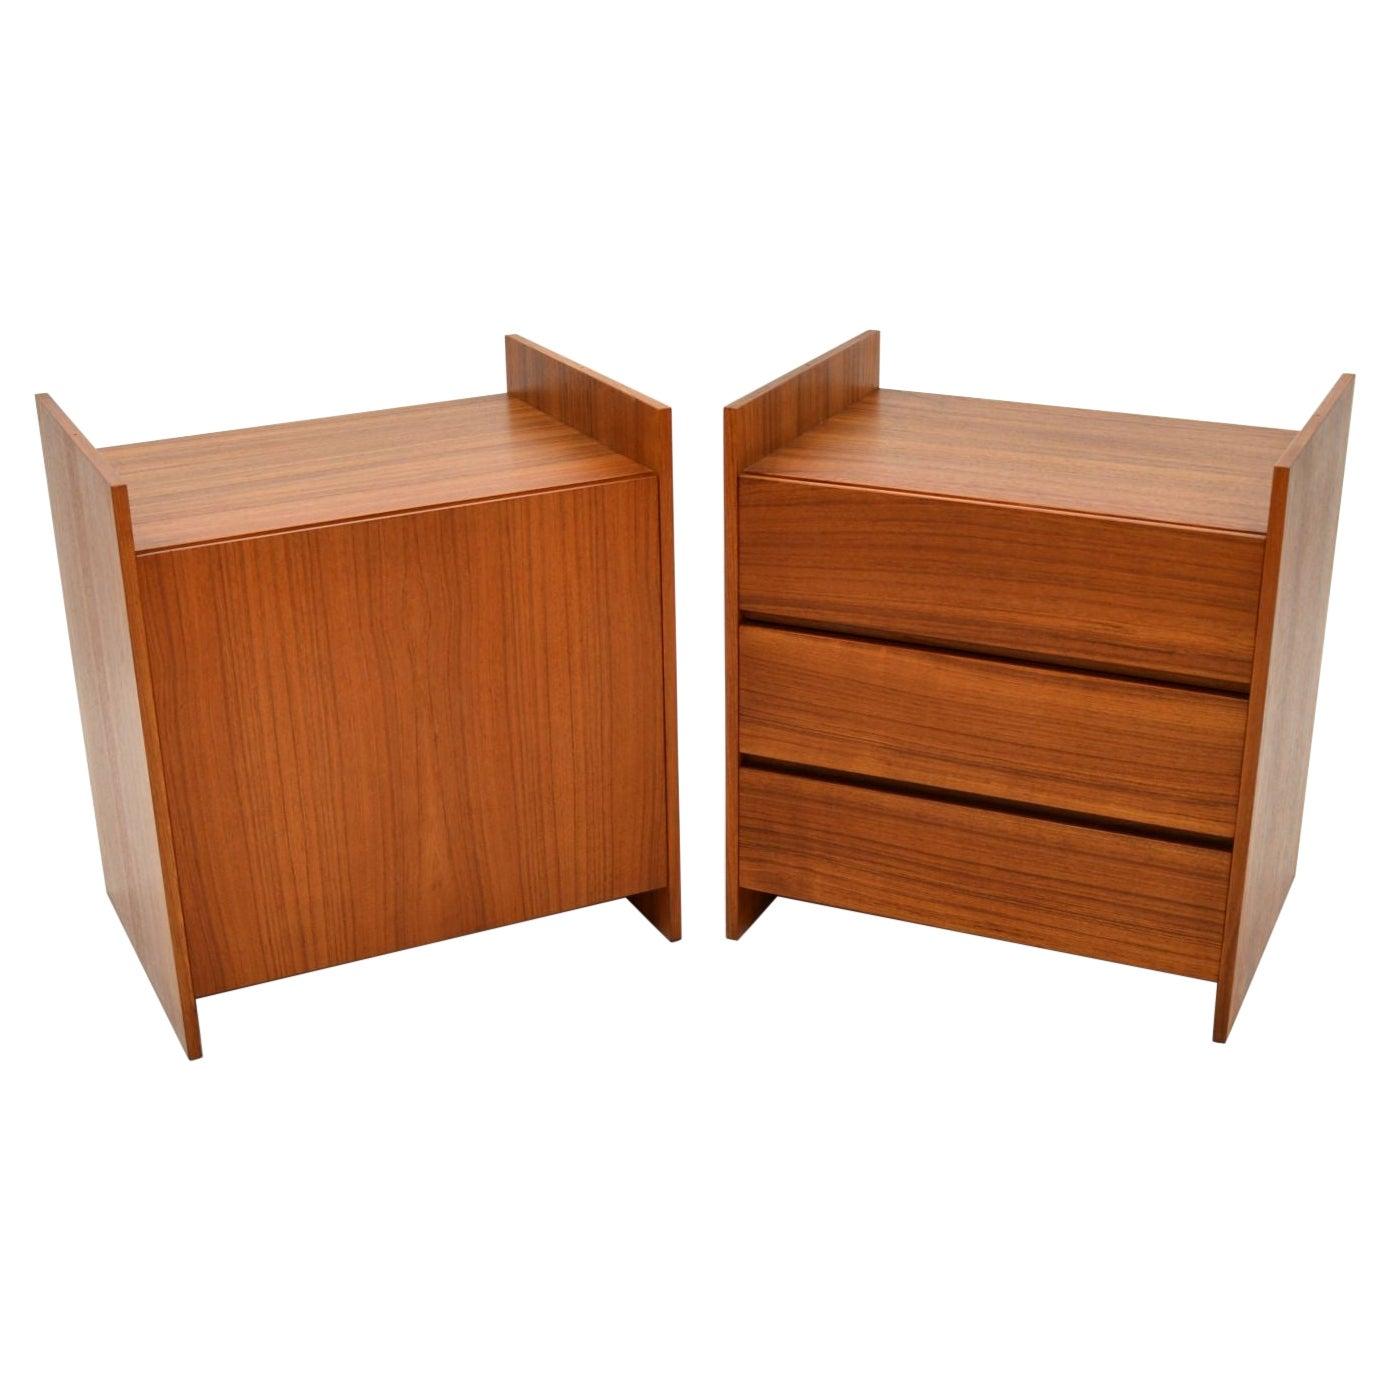 Danish Vintage Teak Cado Sideboard / Cabinet / Pair of Cabinets